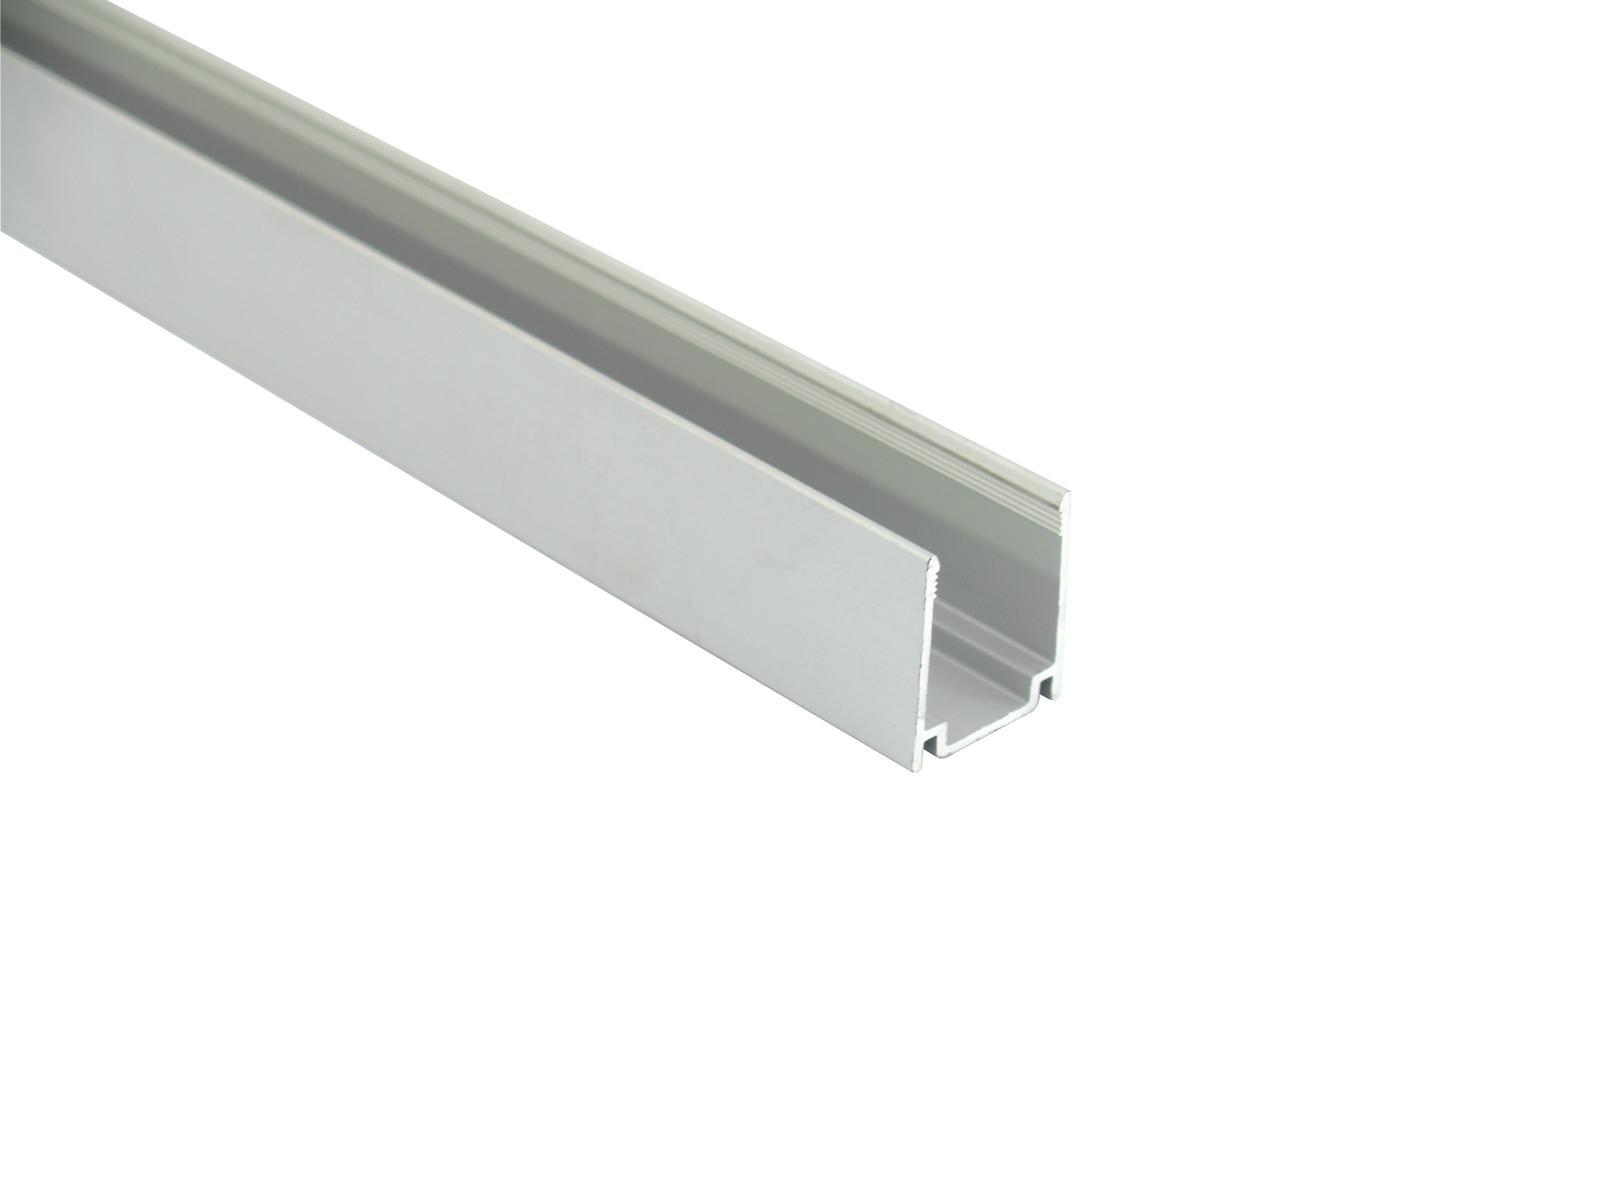 EUROLITE LED Neon Flex canale in alluminio 2m